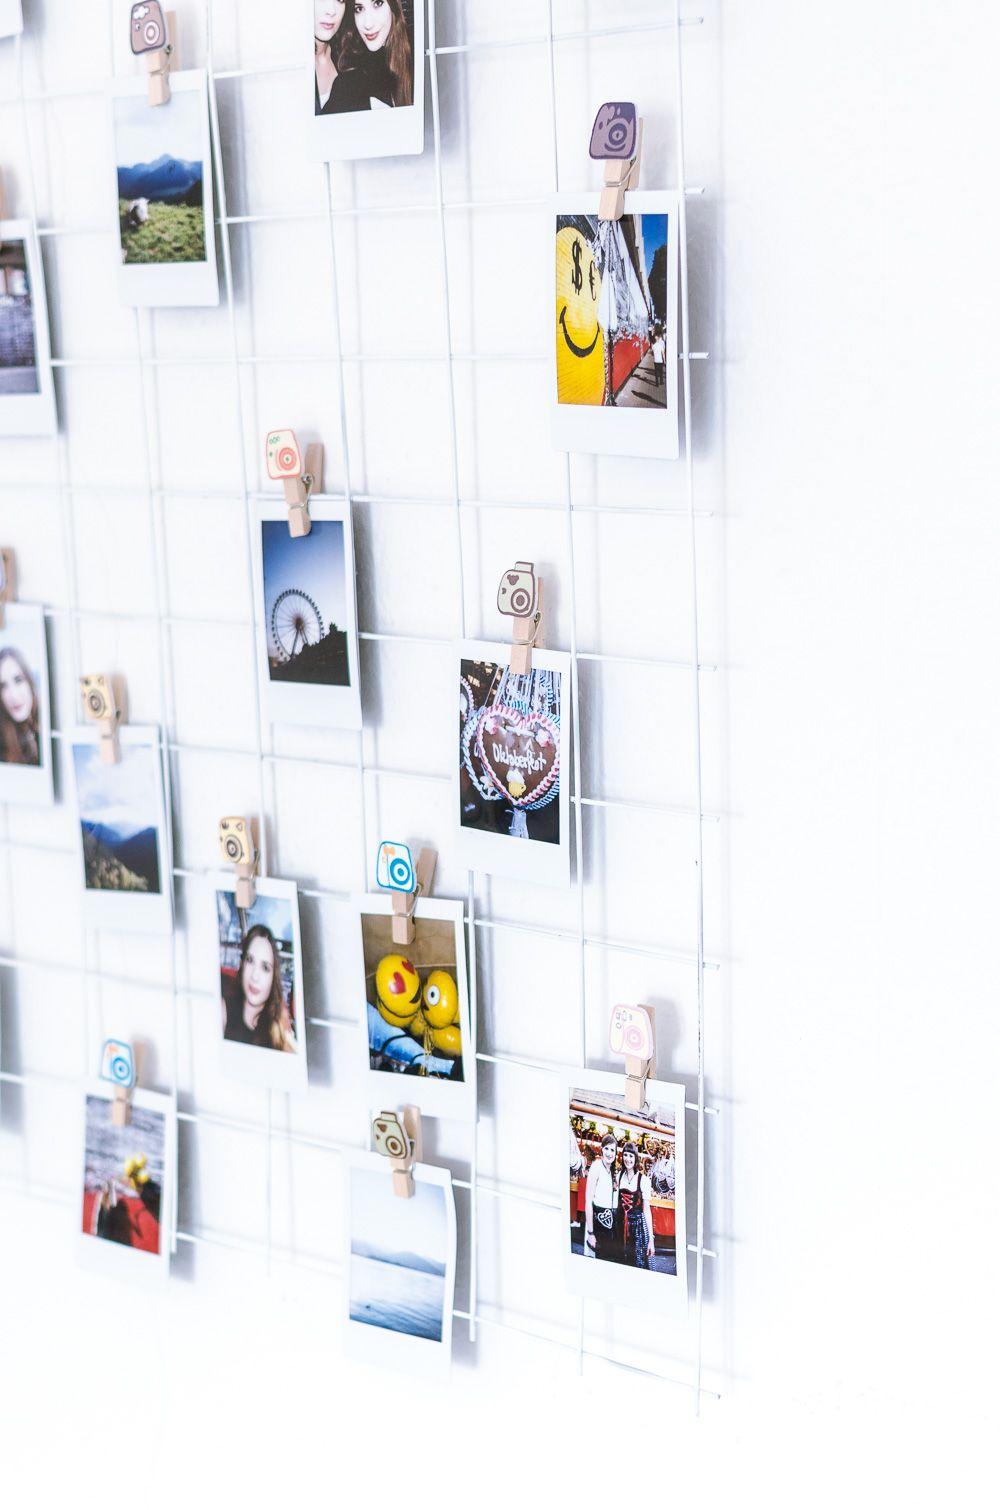 DIY: Grid Wall für Fotos | Pinterest | Einfach, Fotowand und Diy ...